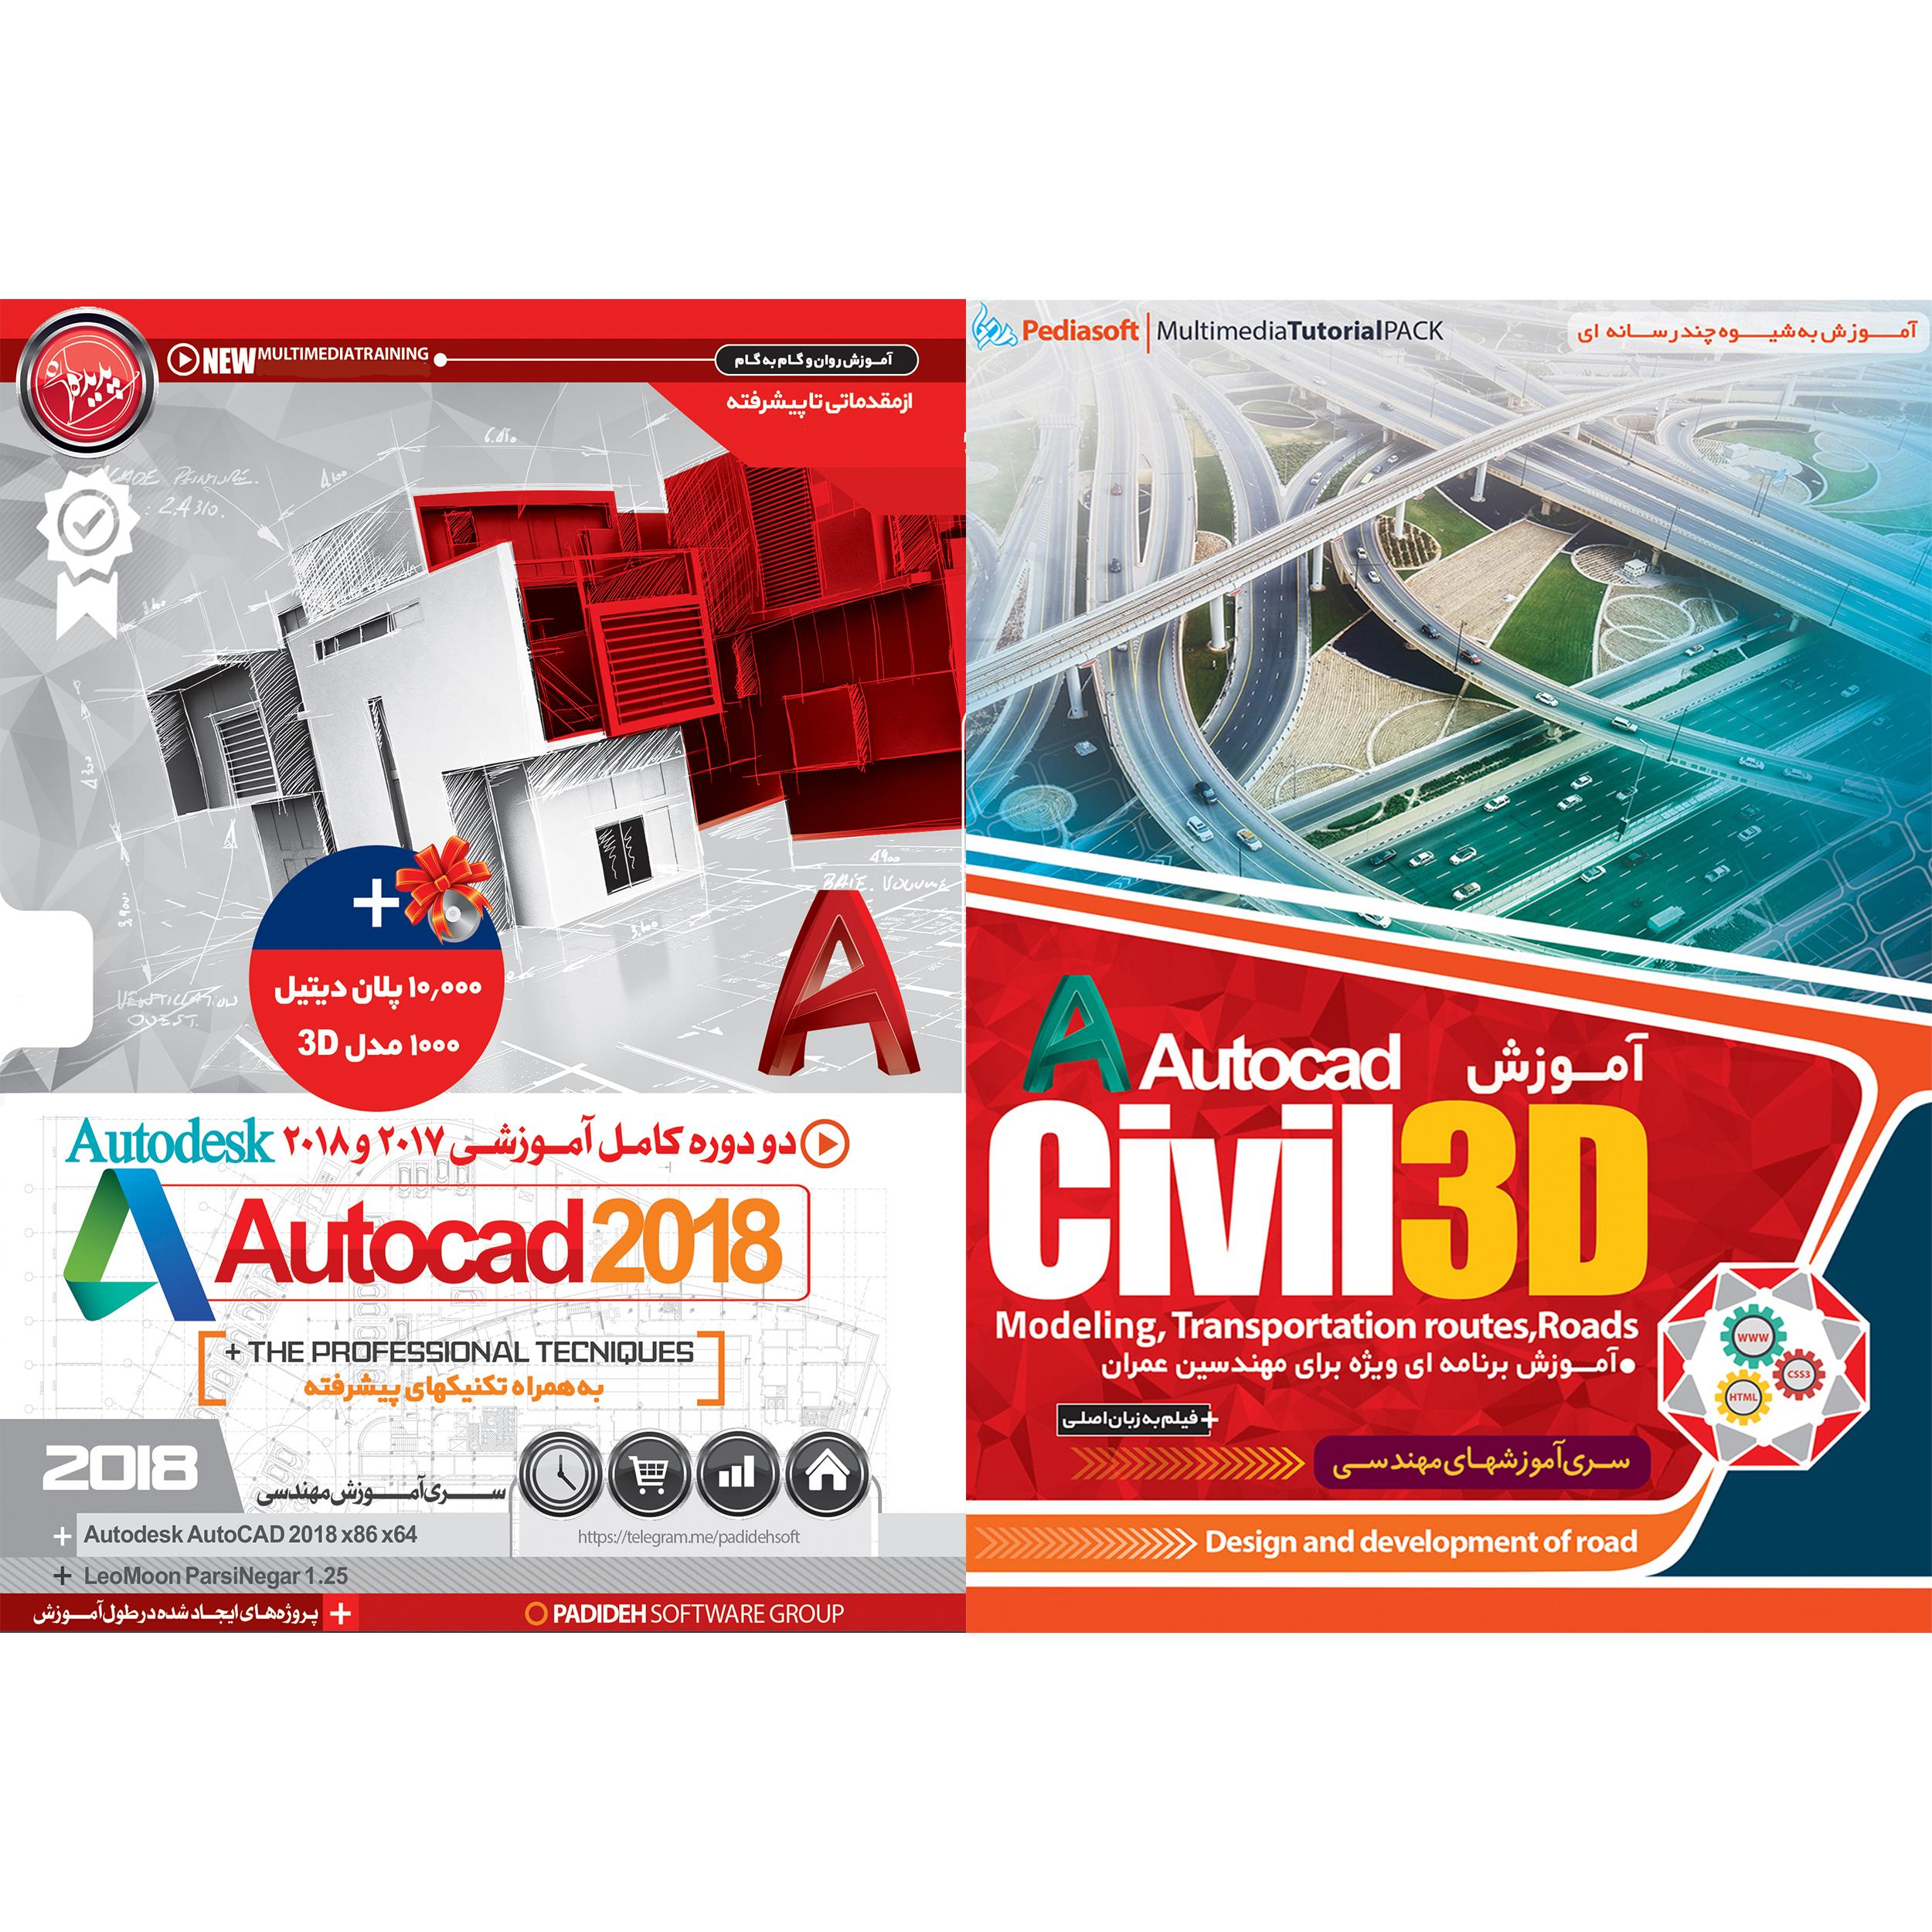 نرم افزار آموزش CIVIL 3D نشر پدیا سافت به همراه نرم افزار آموزش 2018 AUTOCAD نشر پدیده